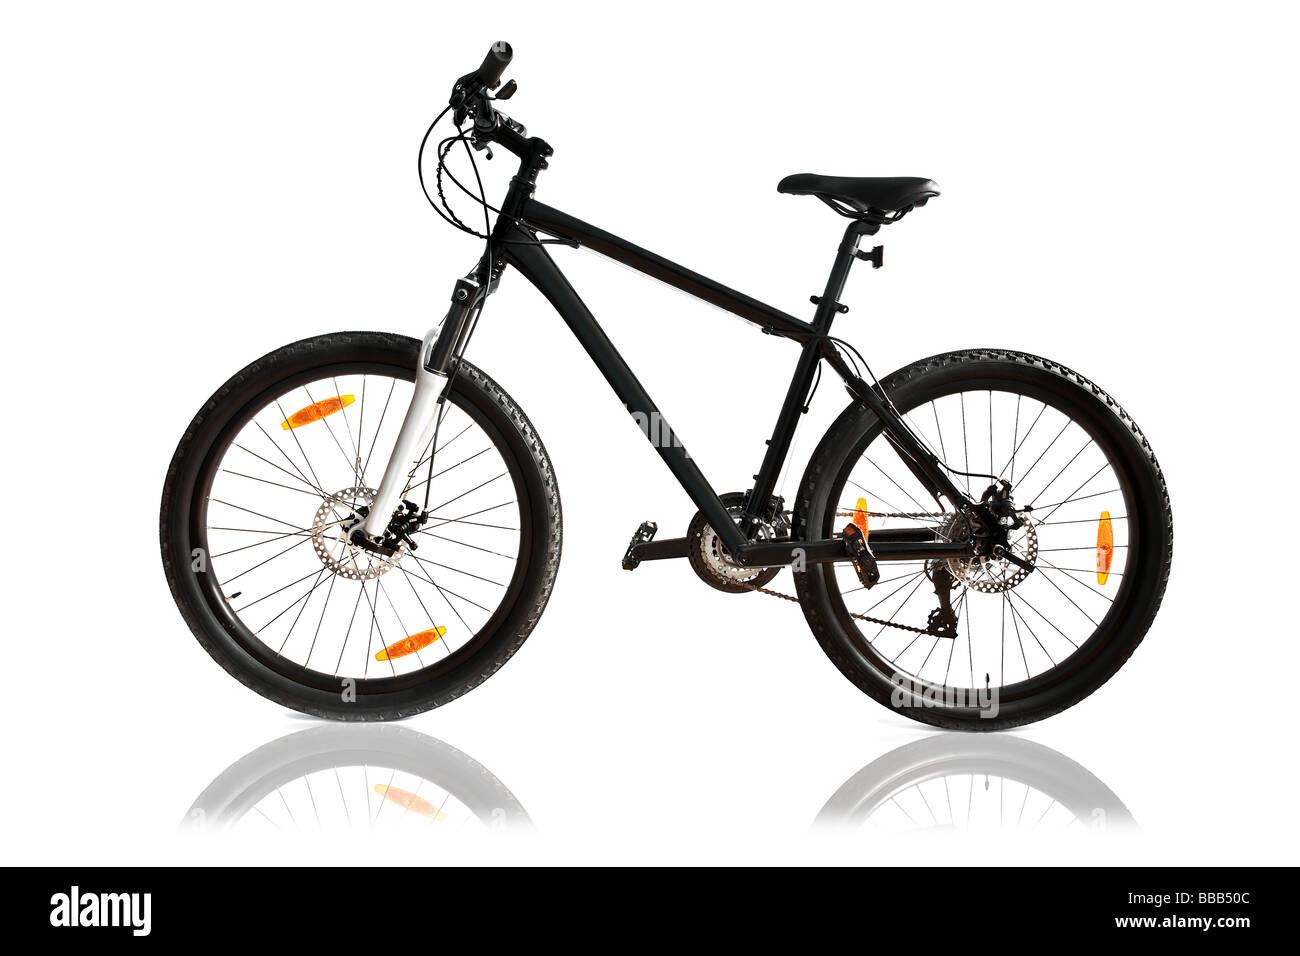 black bike isolated - Stock Image